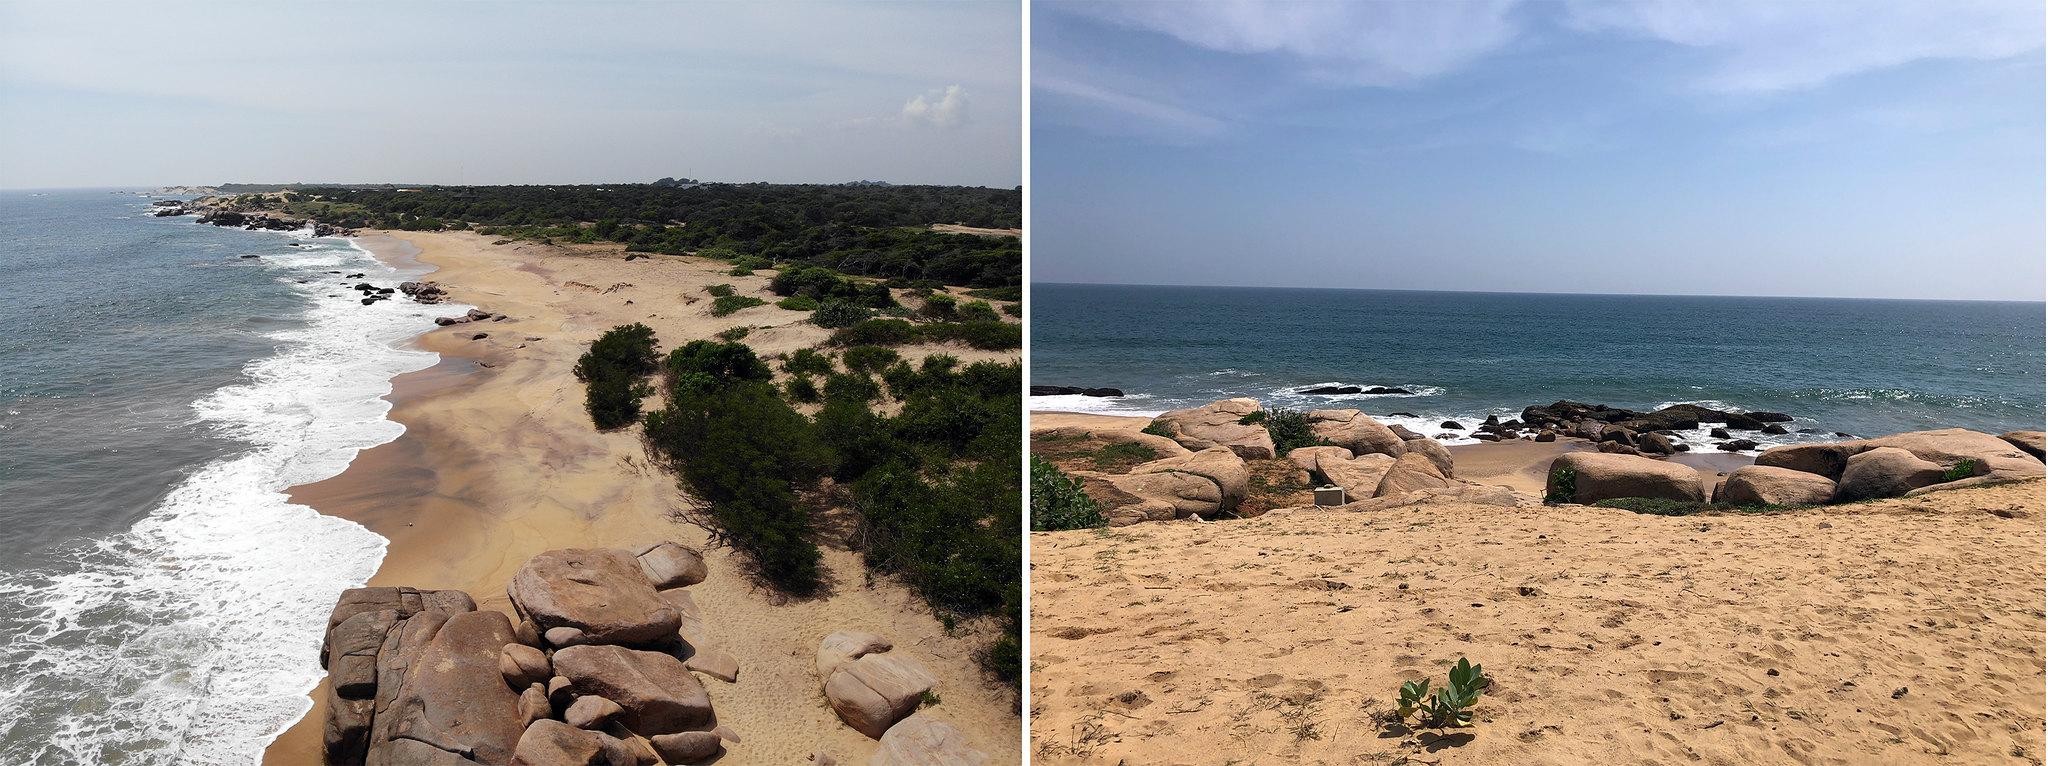 Hotel Chena Huts by Uga Escapes Yala Sri Lanka - Thewotme chena huts - 50943884392 65ad3ca0da k - Chena Huts by UGA Escapes, un pequeño paraíso en Yala